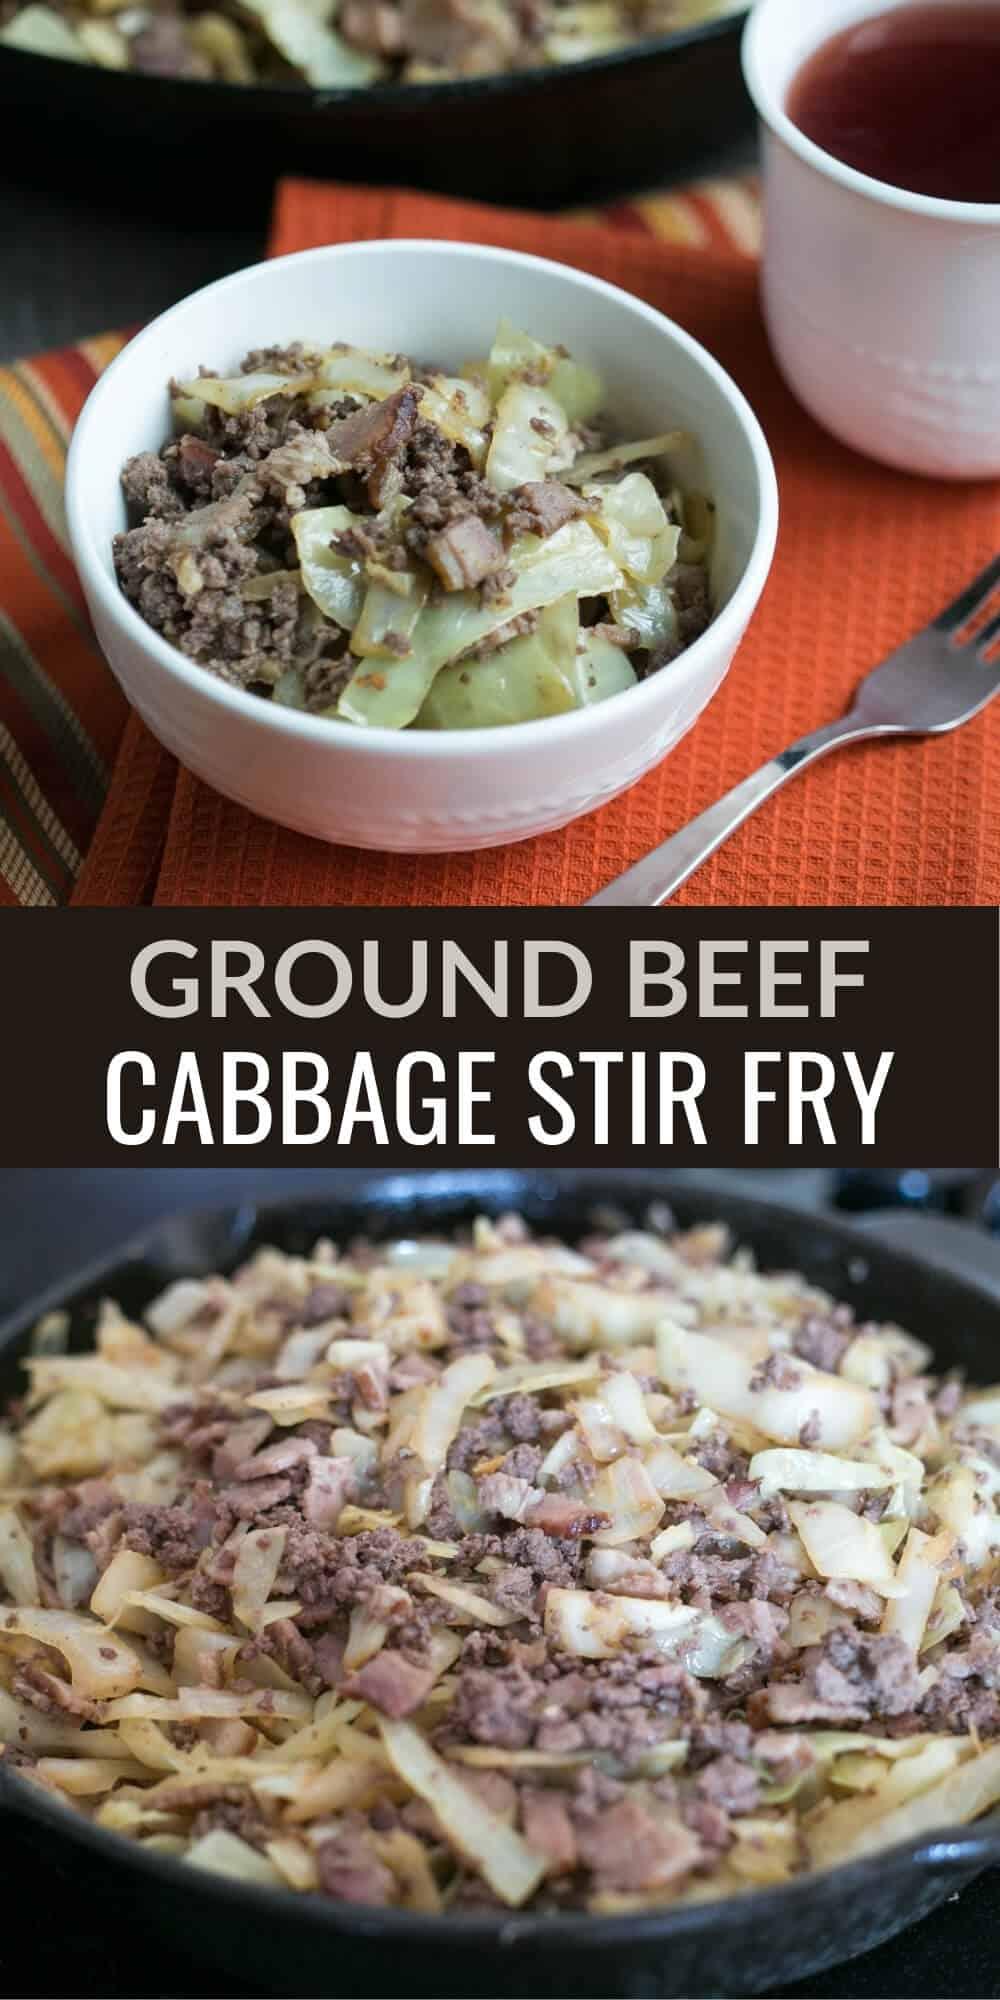 ground beef cabbage stir fry pinterest image